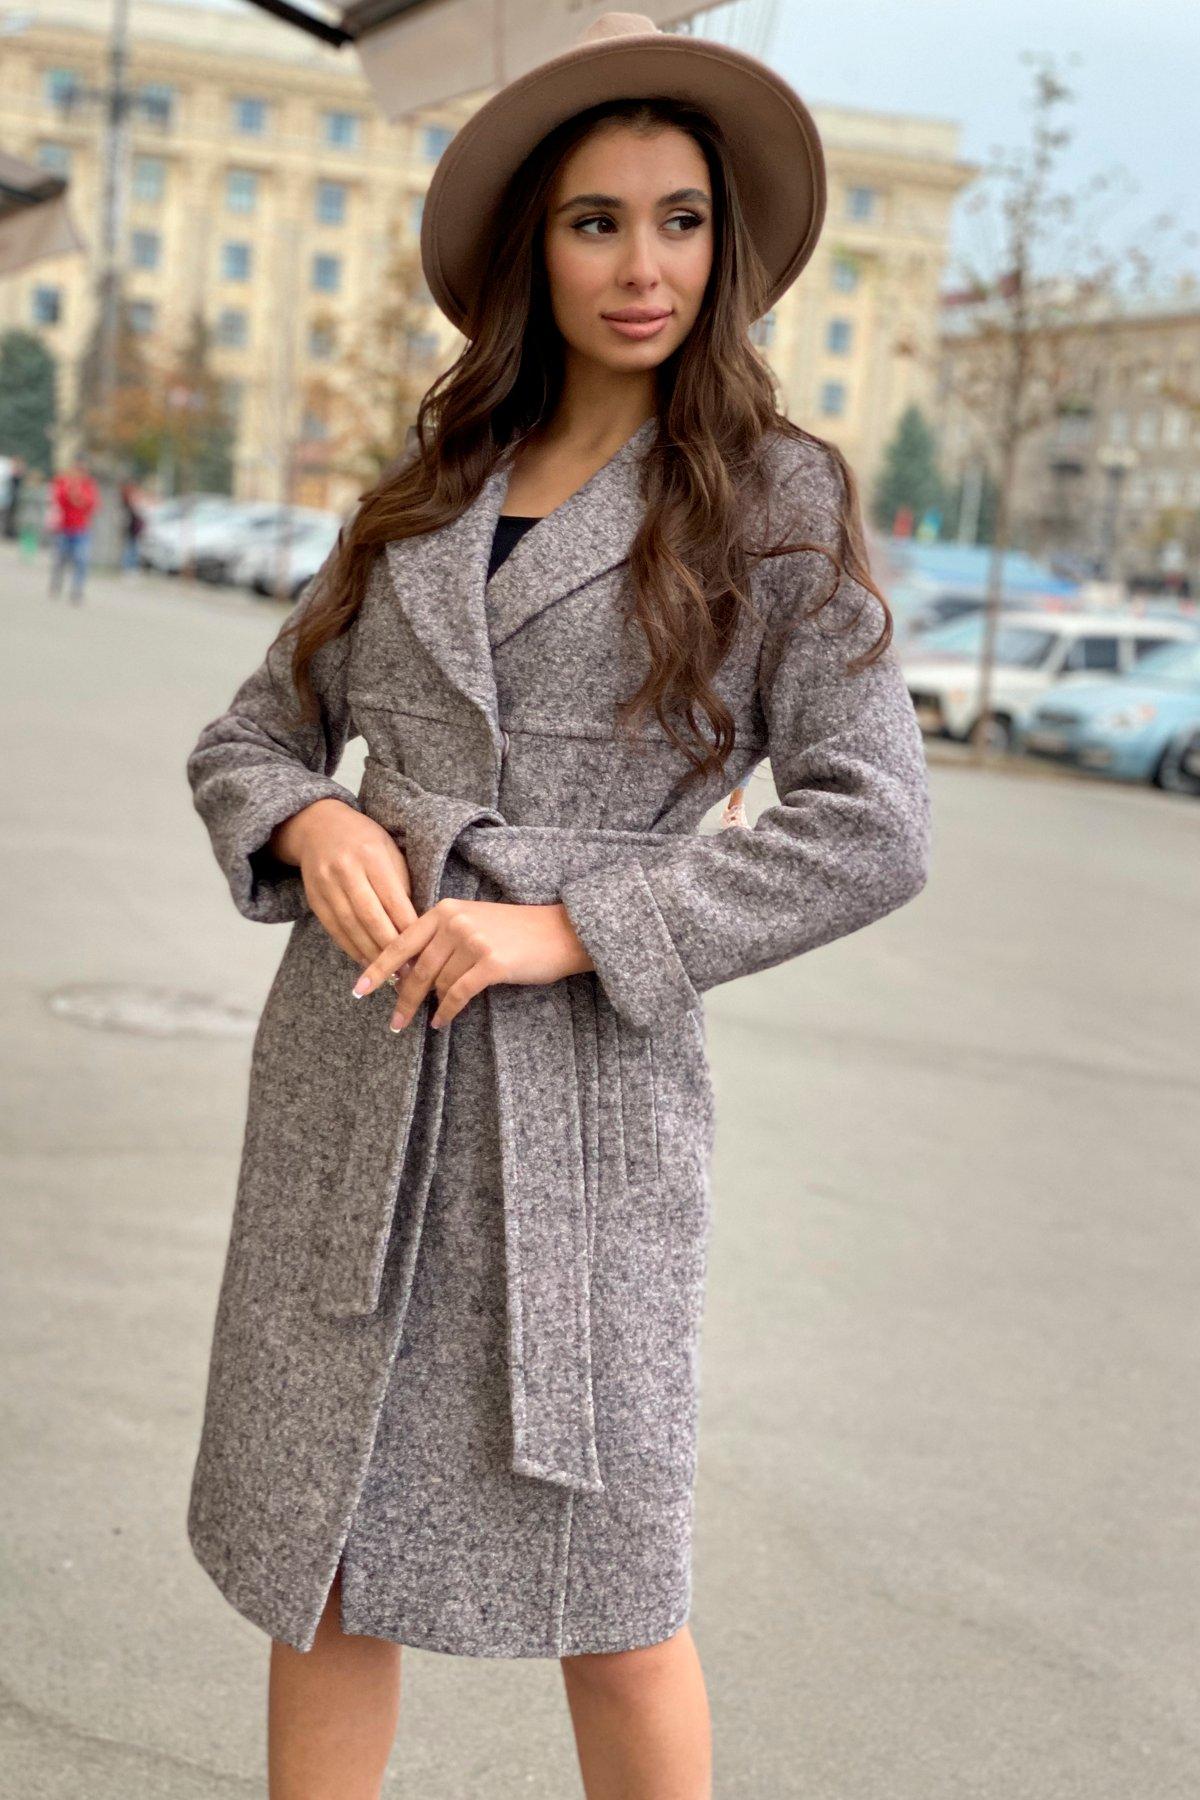 Пальто весна-осень c приспущенной линией плеча Фентези лайт 6365 АРТ. 41230 Цвет: Серо-розовый LW-25 - фото 4, интернет магазин tm-modus.ru